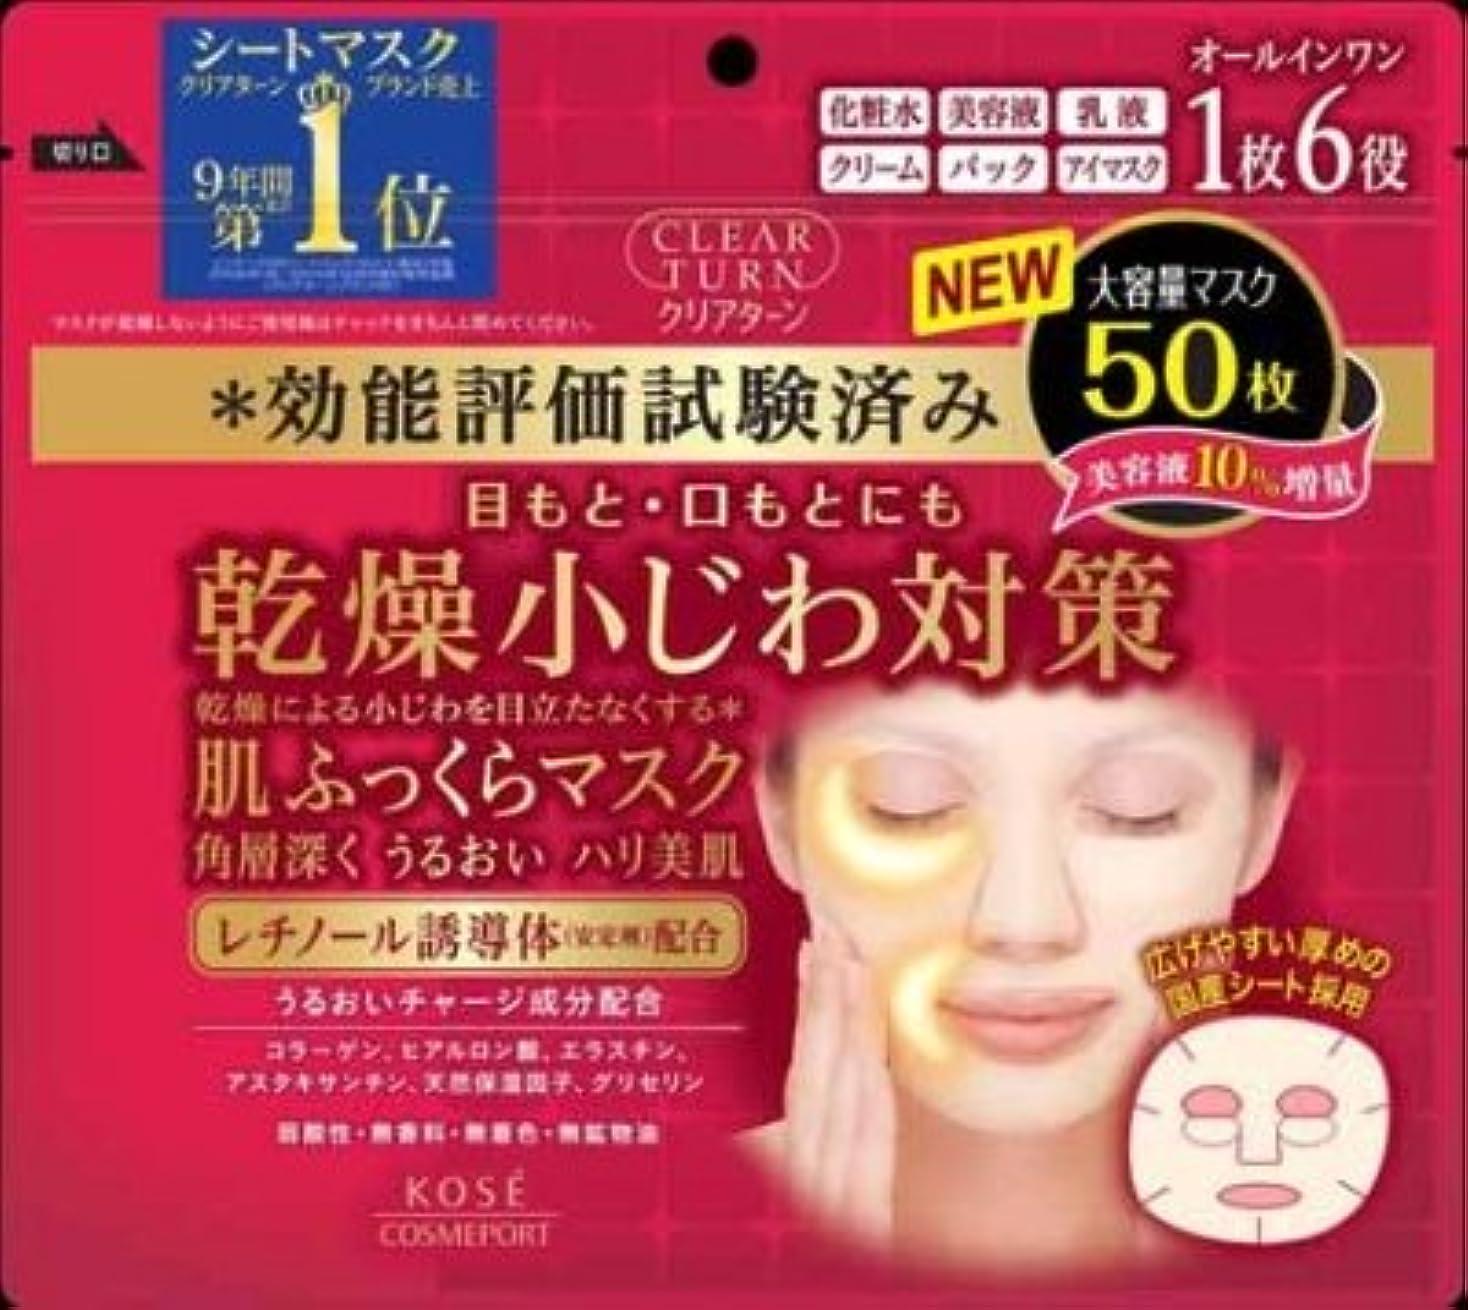 礼儀電化する偏心コーセー クリアターン 肌ふっくらマスク 50枚X24セツト